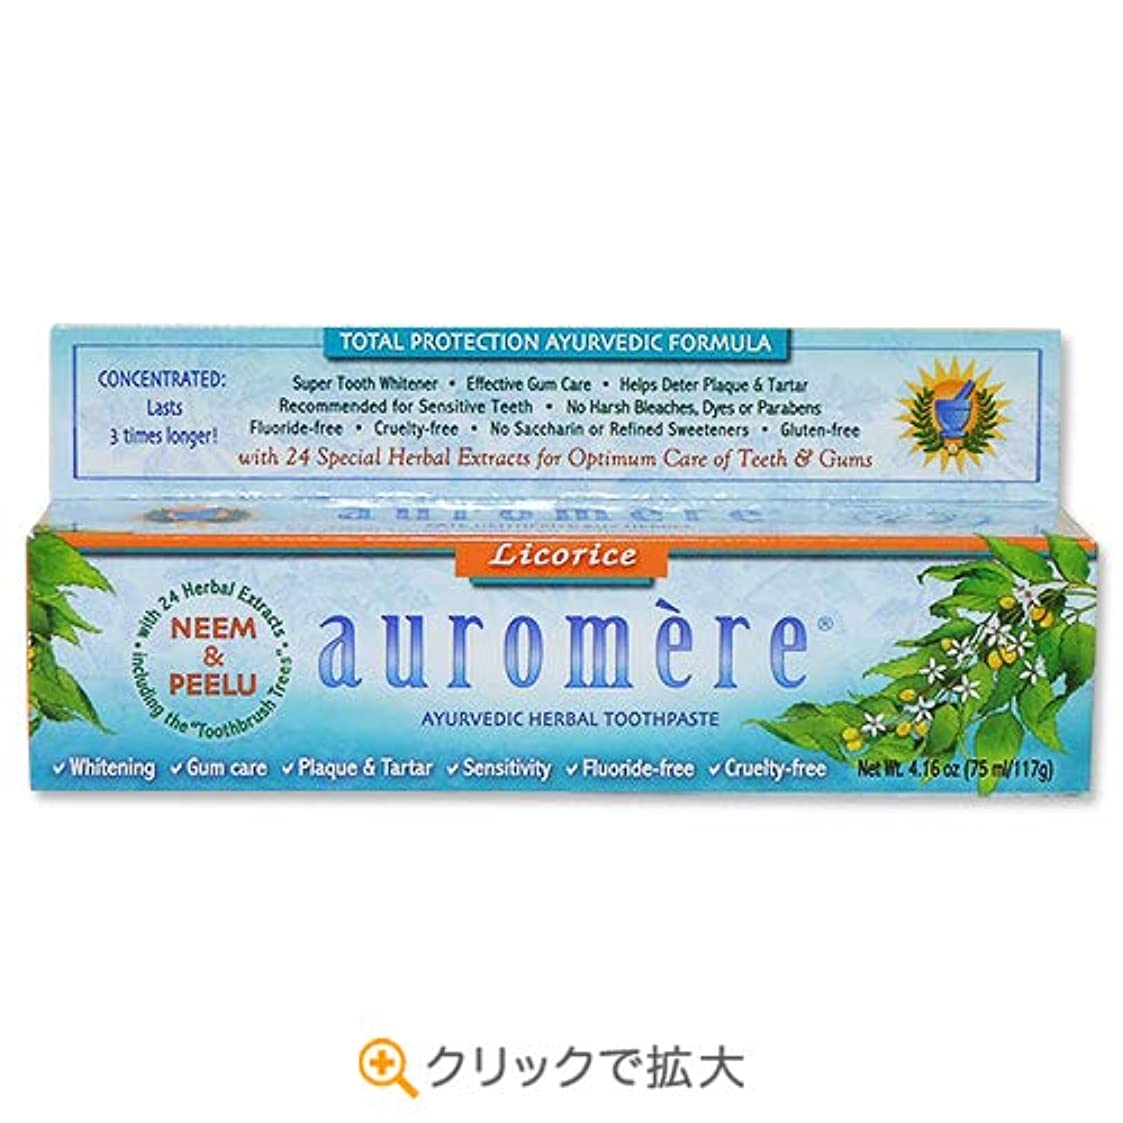 喉が渇いた素子強度3個セット オーロメア アーユルヴェーダ ハーバル歯磨き粉 リコリス 117g[海外直送品]